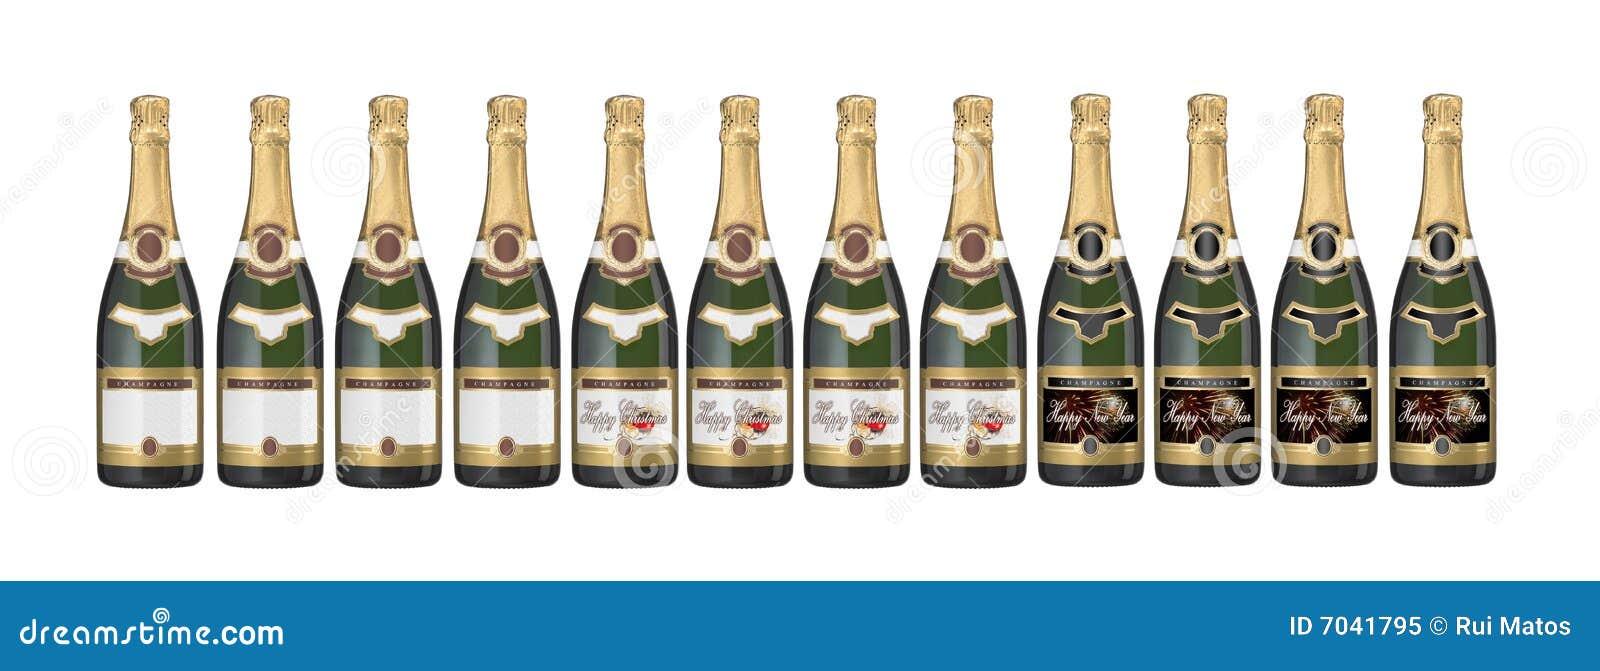 Botellas de Champán con varias escrituras de la etiqueta